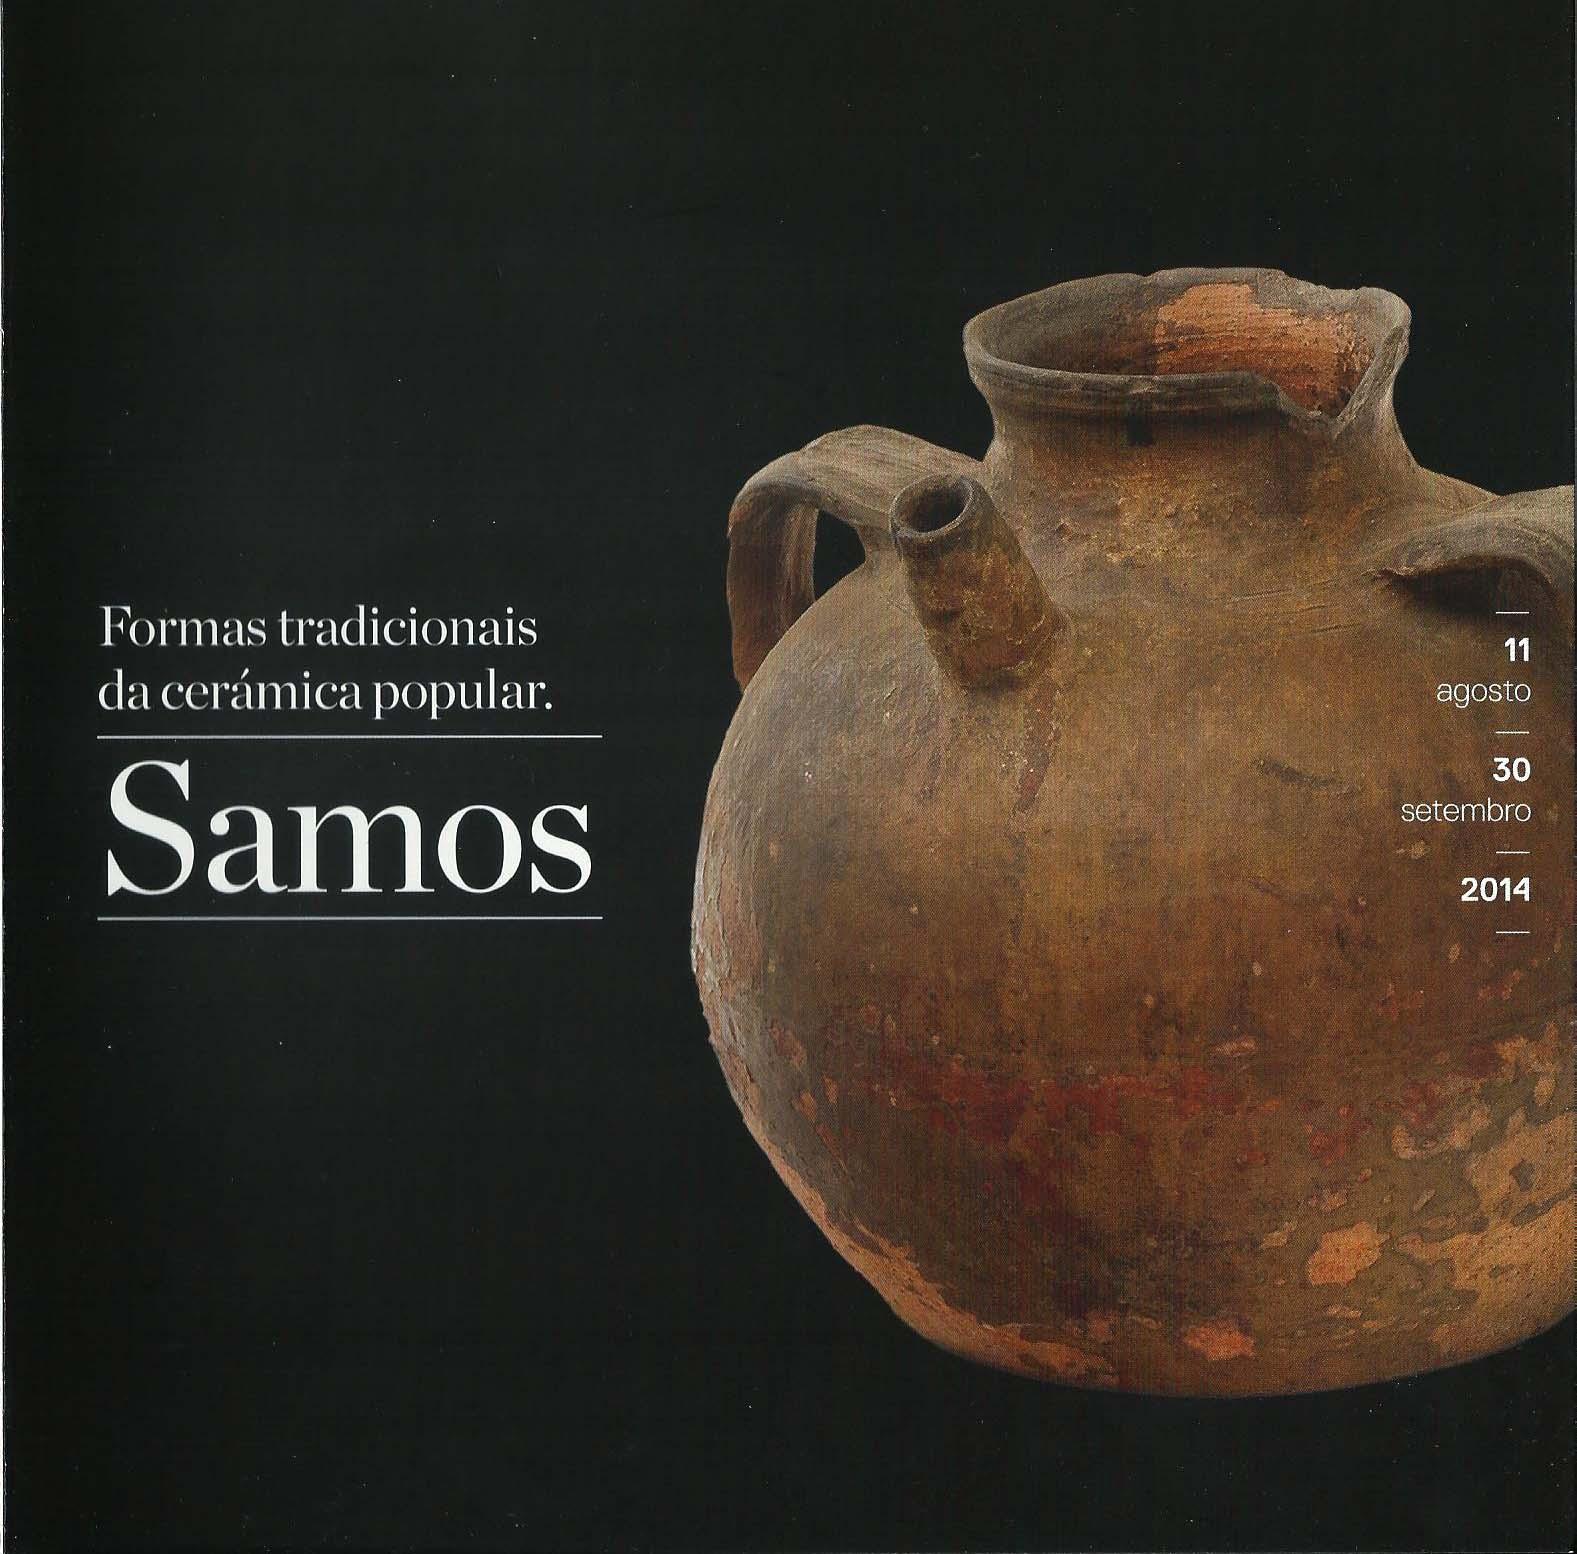 Formas tradicionais da cerámica popular: Samos